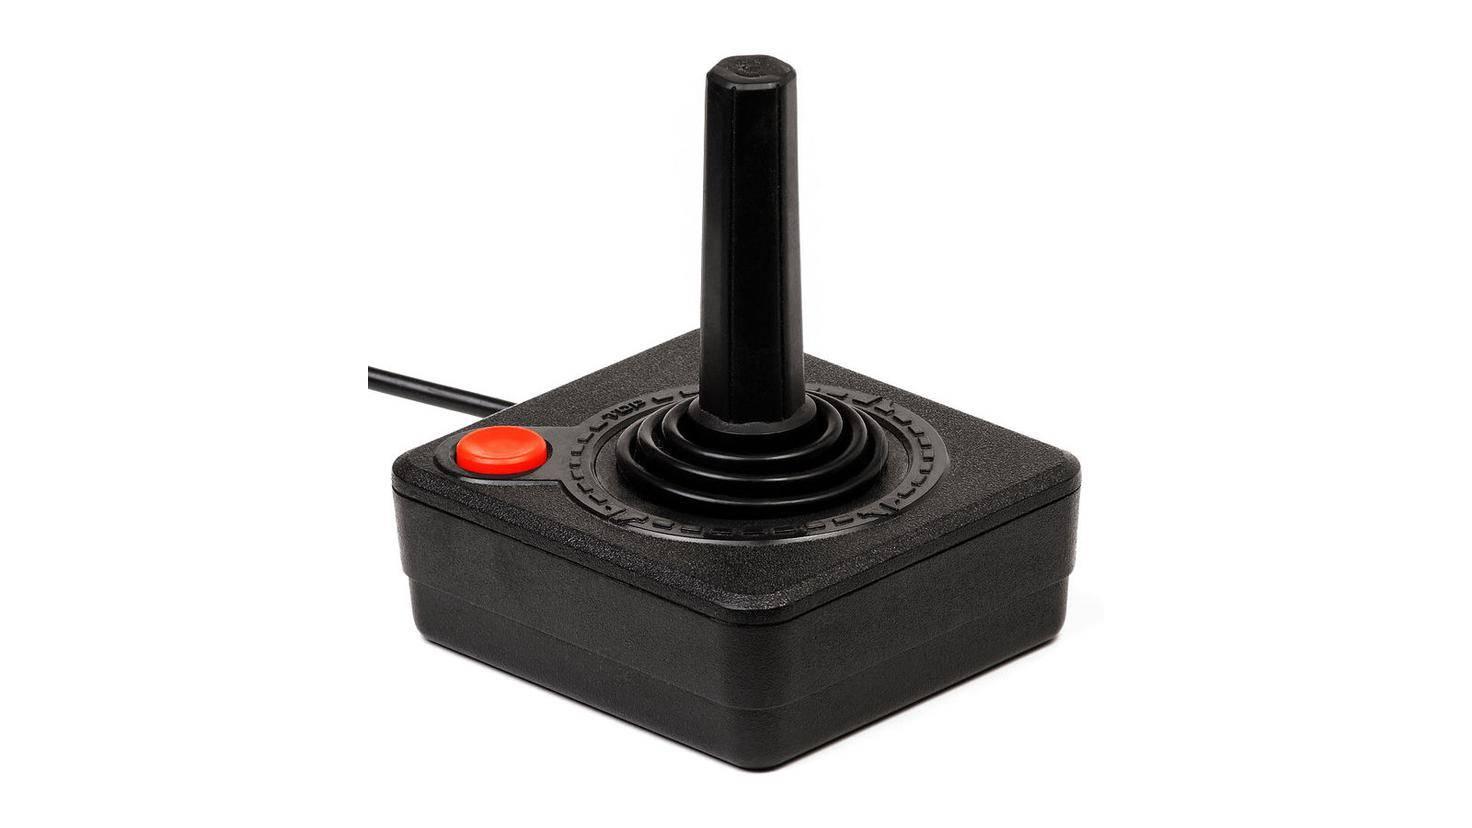 Der Joystick holte das Spielgefühl von Arcade-Spielhallen auf die heimische Konsole.